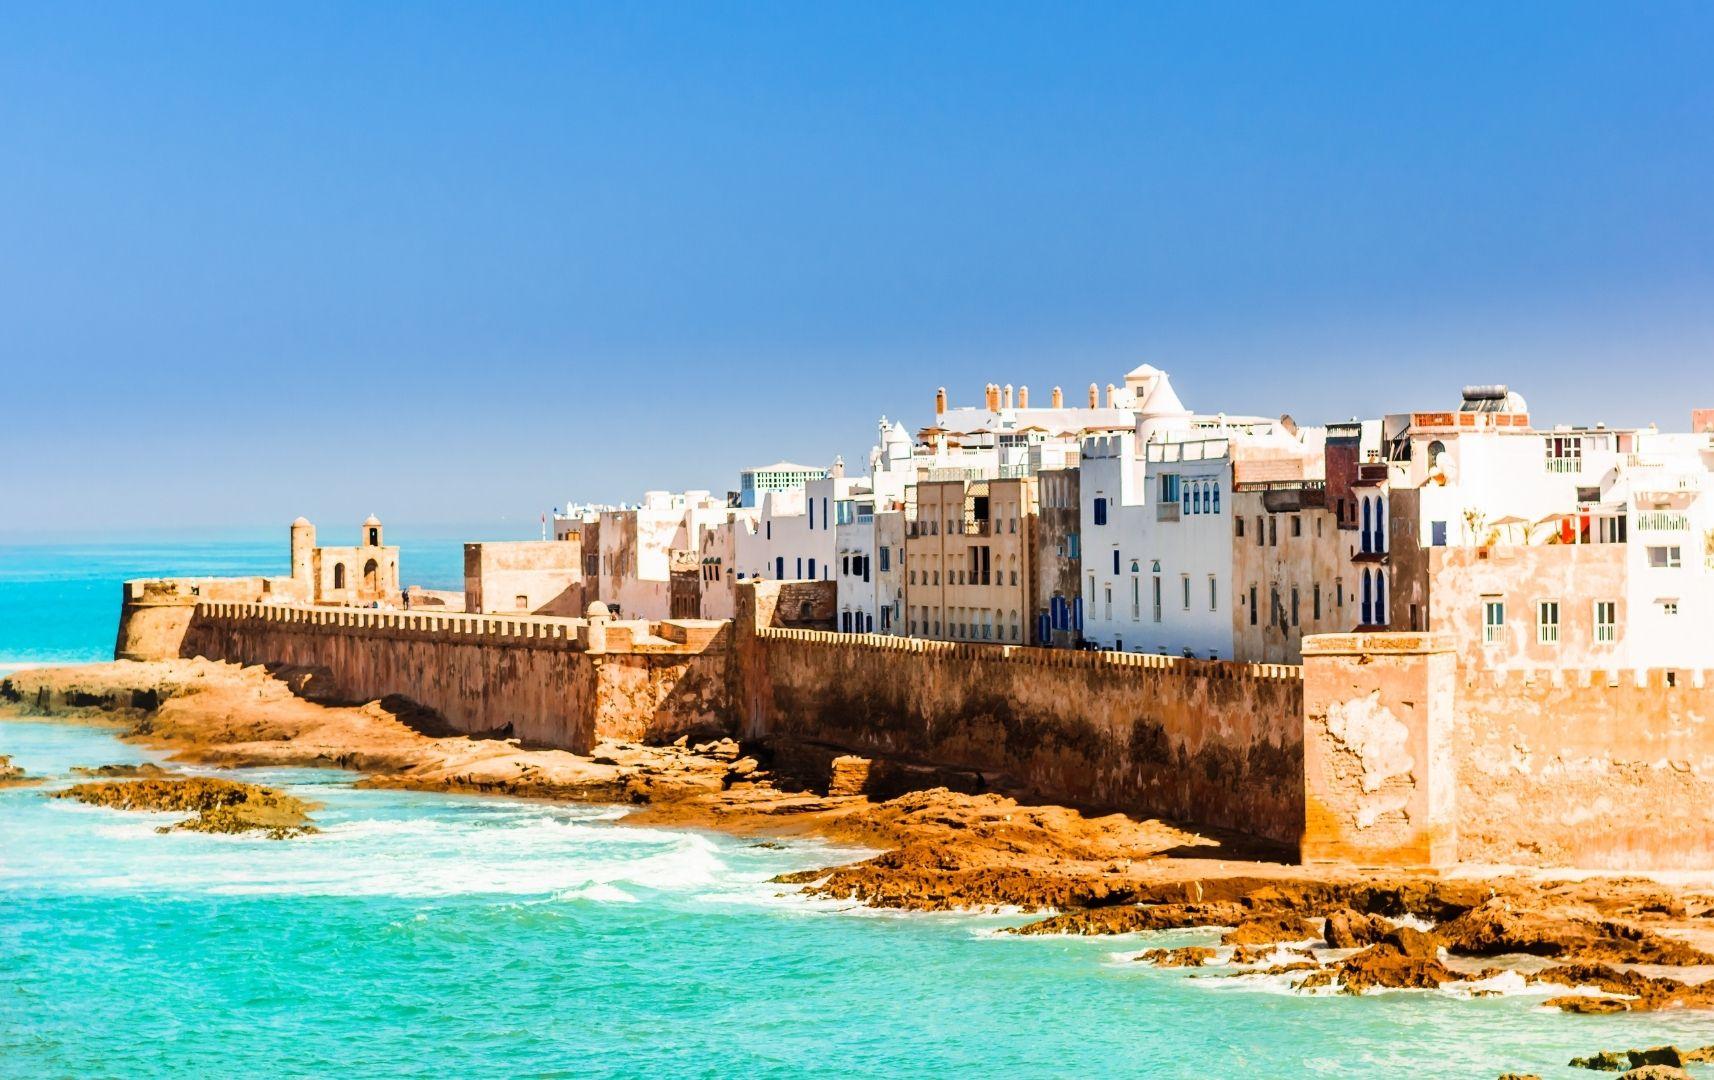 Marokko Reisebericht Reiseart